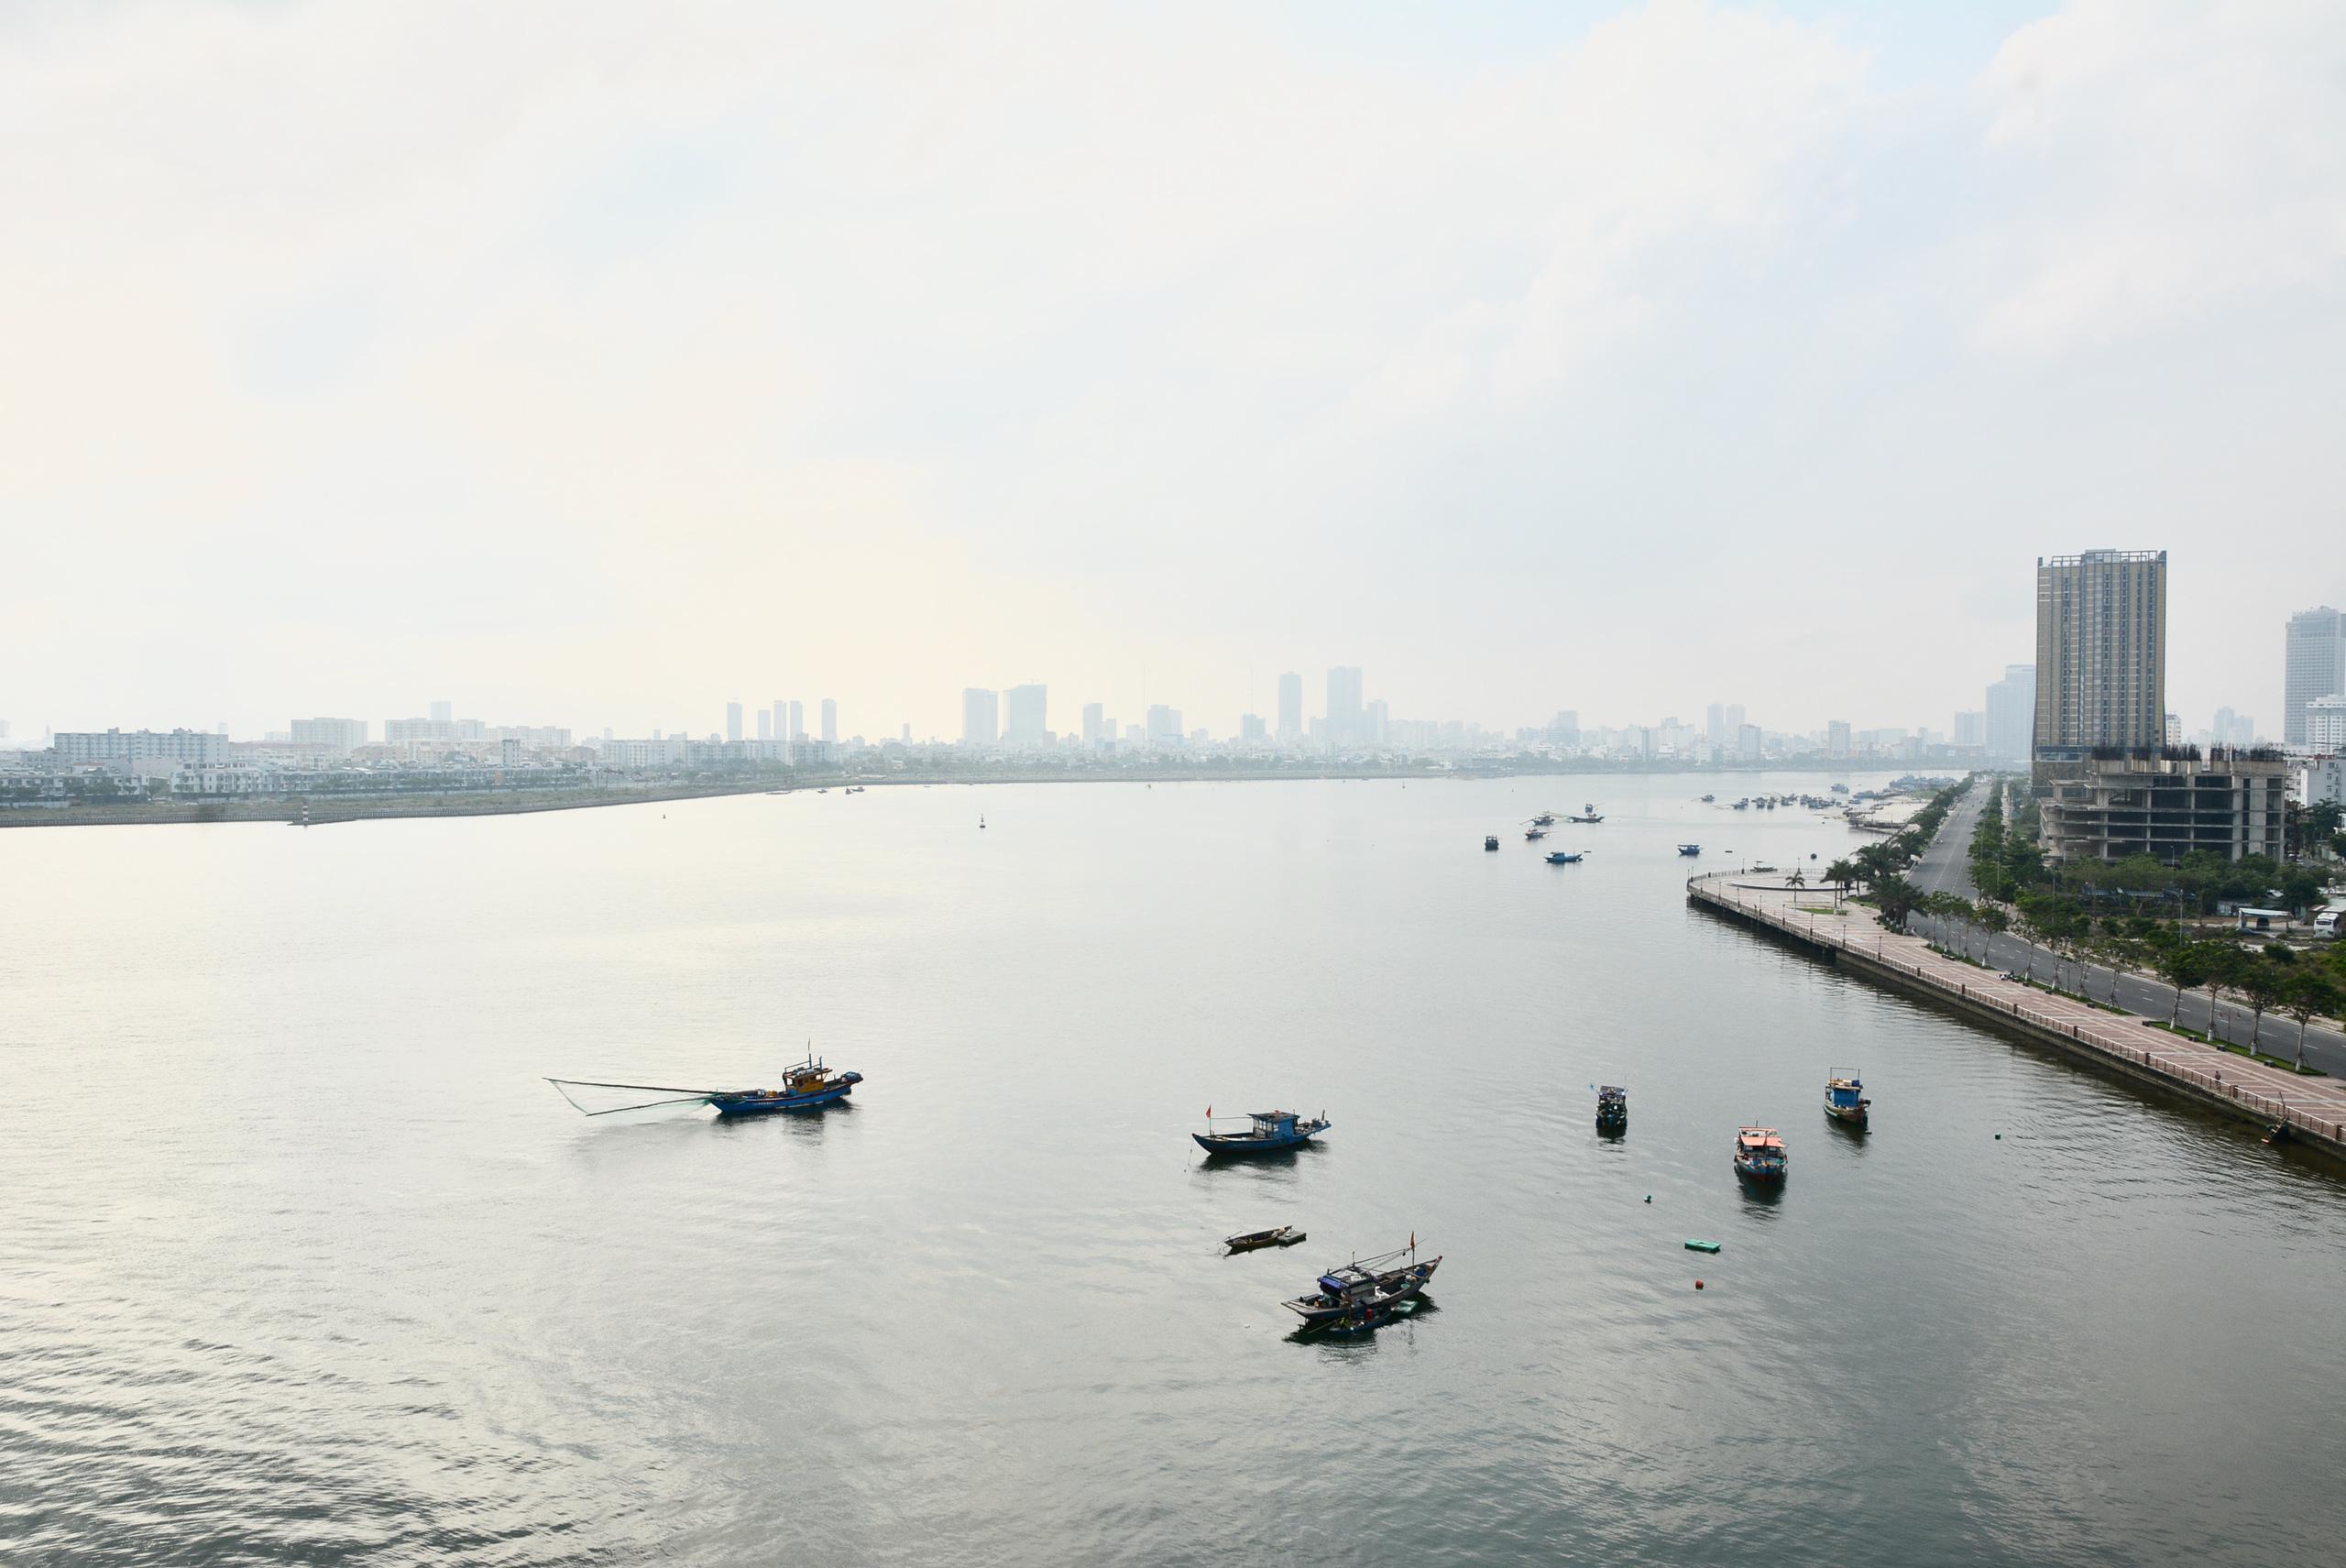 Dự án chung cư cao cấp bỏ hoang trên đất vàng mặt tiền sông Hàn Đà Nẵng - Ảnh 12.